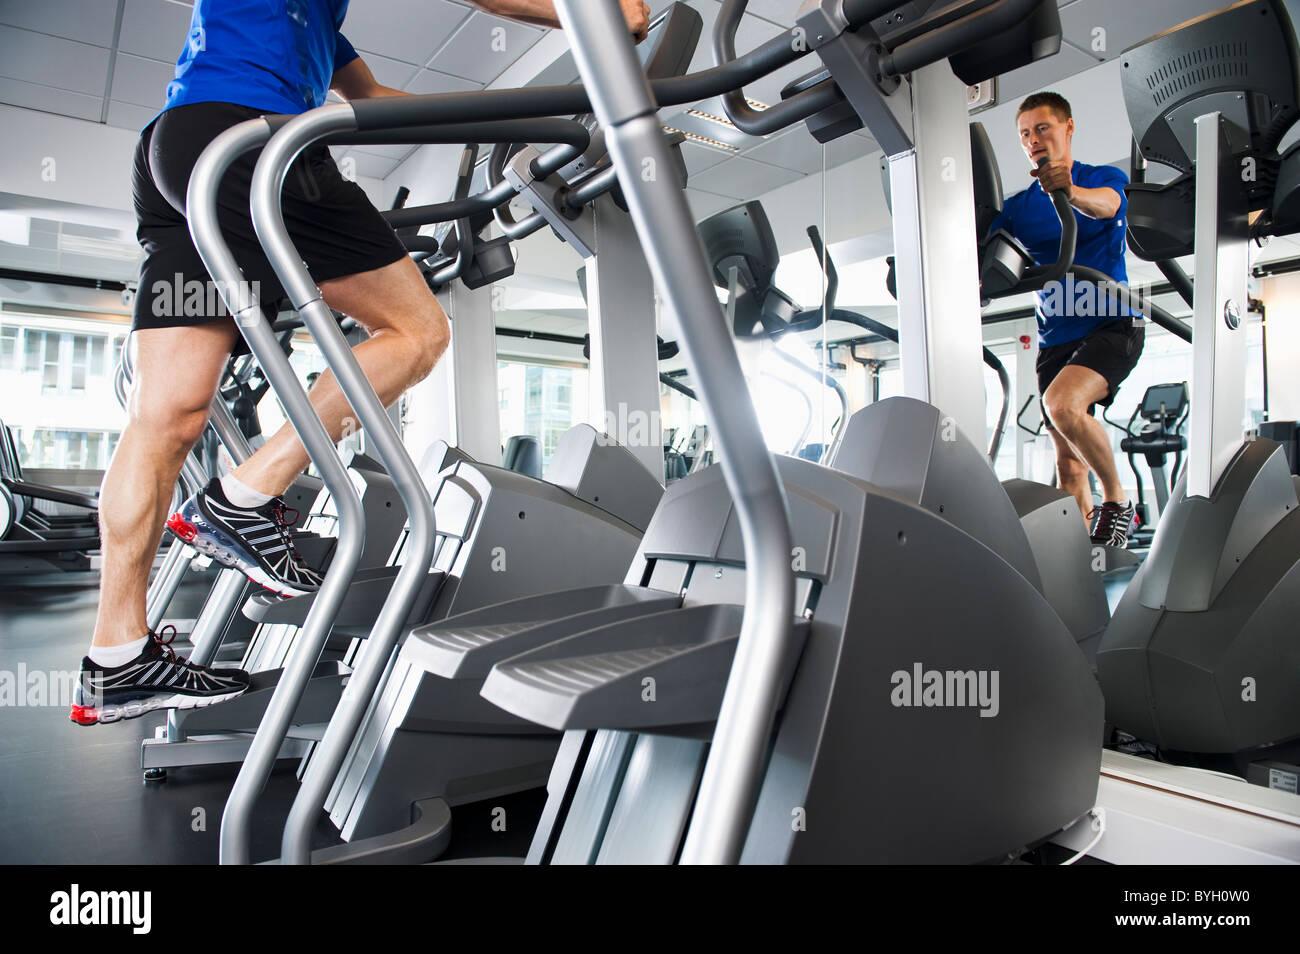 Hombre corriendo en máquinas de ejercicio en el gimnasio Imagen De Stock